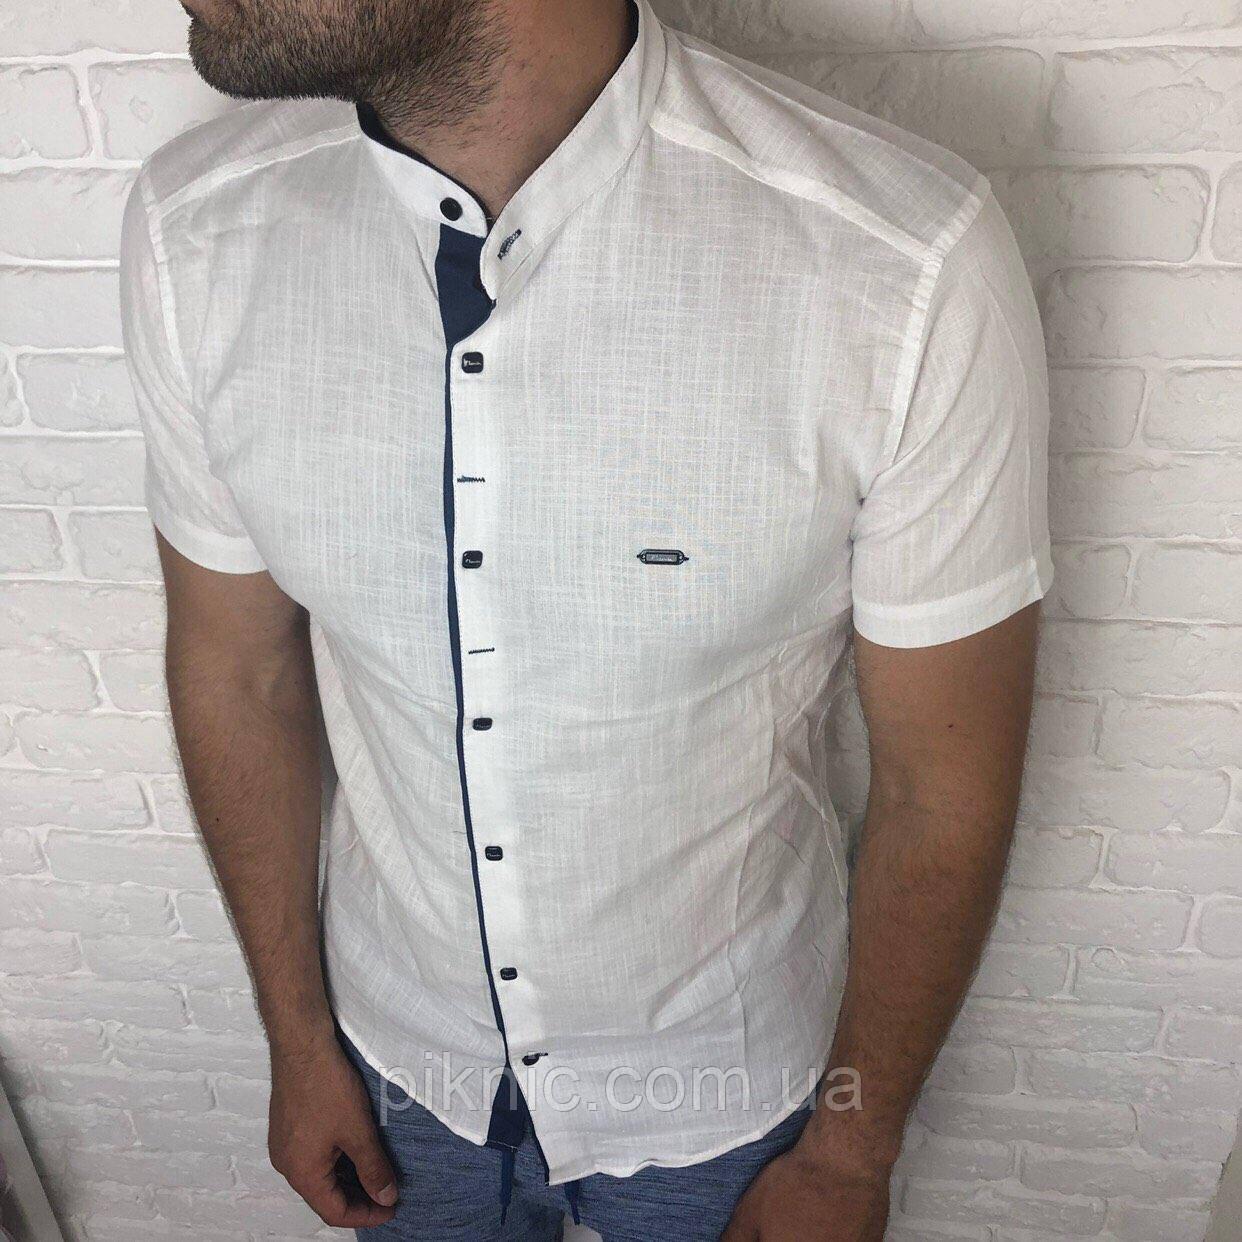 Рубашка мужская L, XL приталенная, короткий рукав, слим фит Турция турецкая, лен Белый